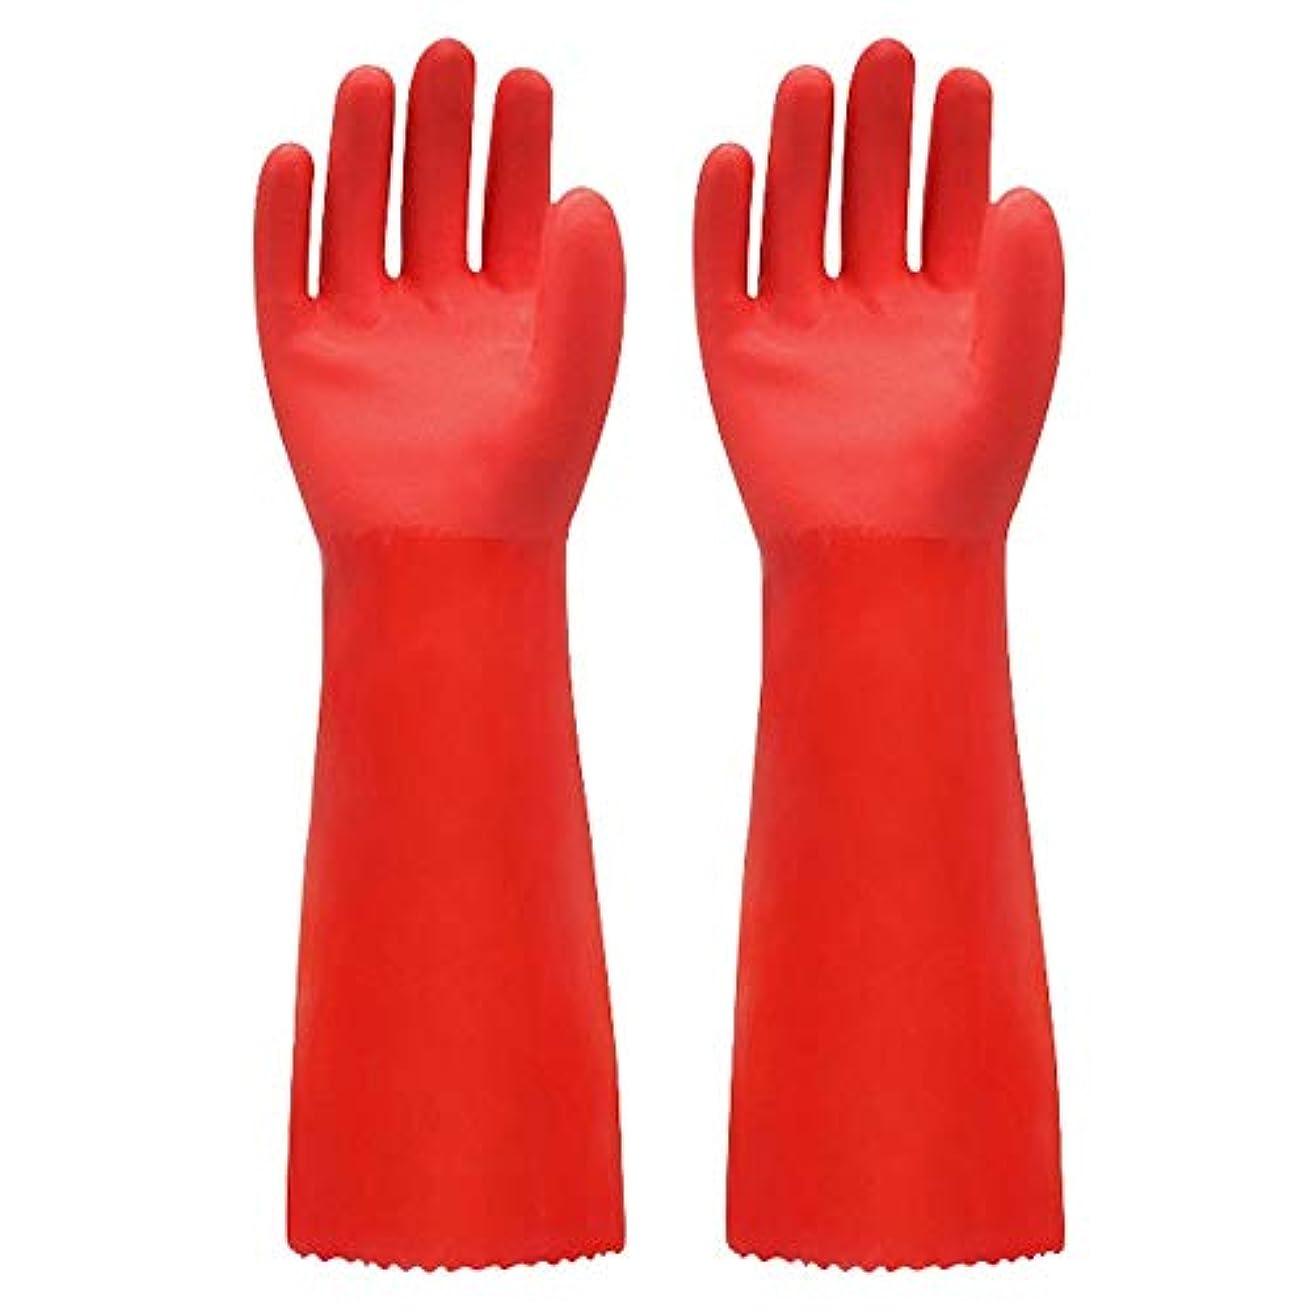 頑張るアルバムセンブランス使い捨て手袋 ゴム手袋長く暖かいとビロードのゴム製防水と耐久性のある手袋、1ペア ニトリルゴム手袋 (Color : RED, Size : L)